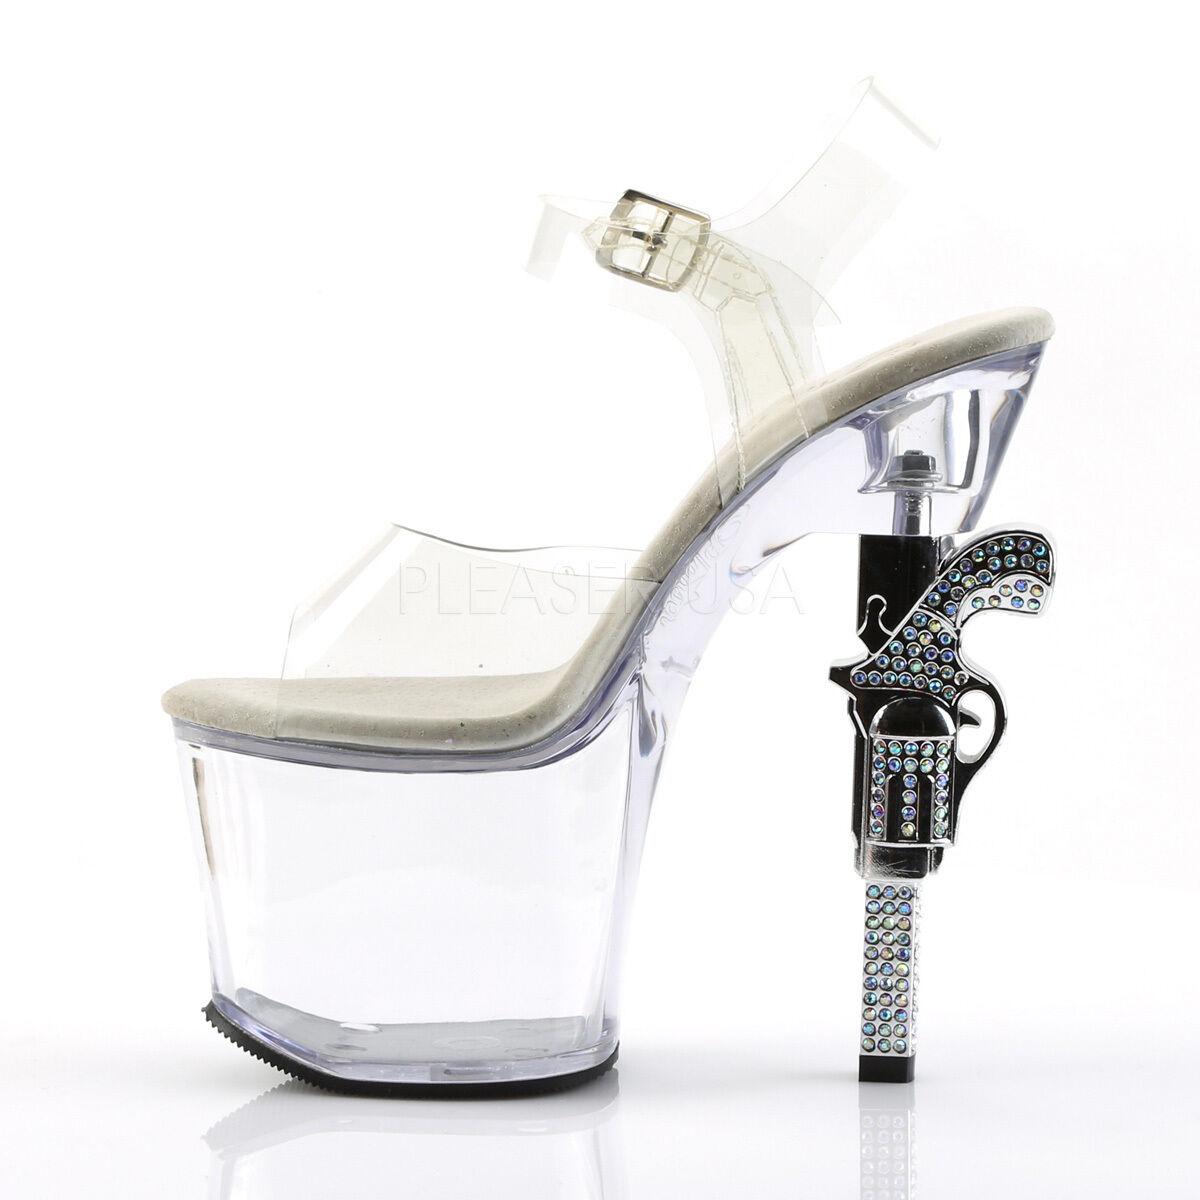 Pleaser REVOLVER - 708 Femmes Clair Talon Aiguille Aiguille Aiguille Plateforme Diapositive pole dance chaussures a96fcd